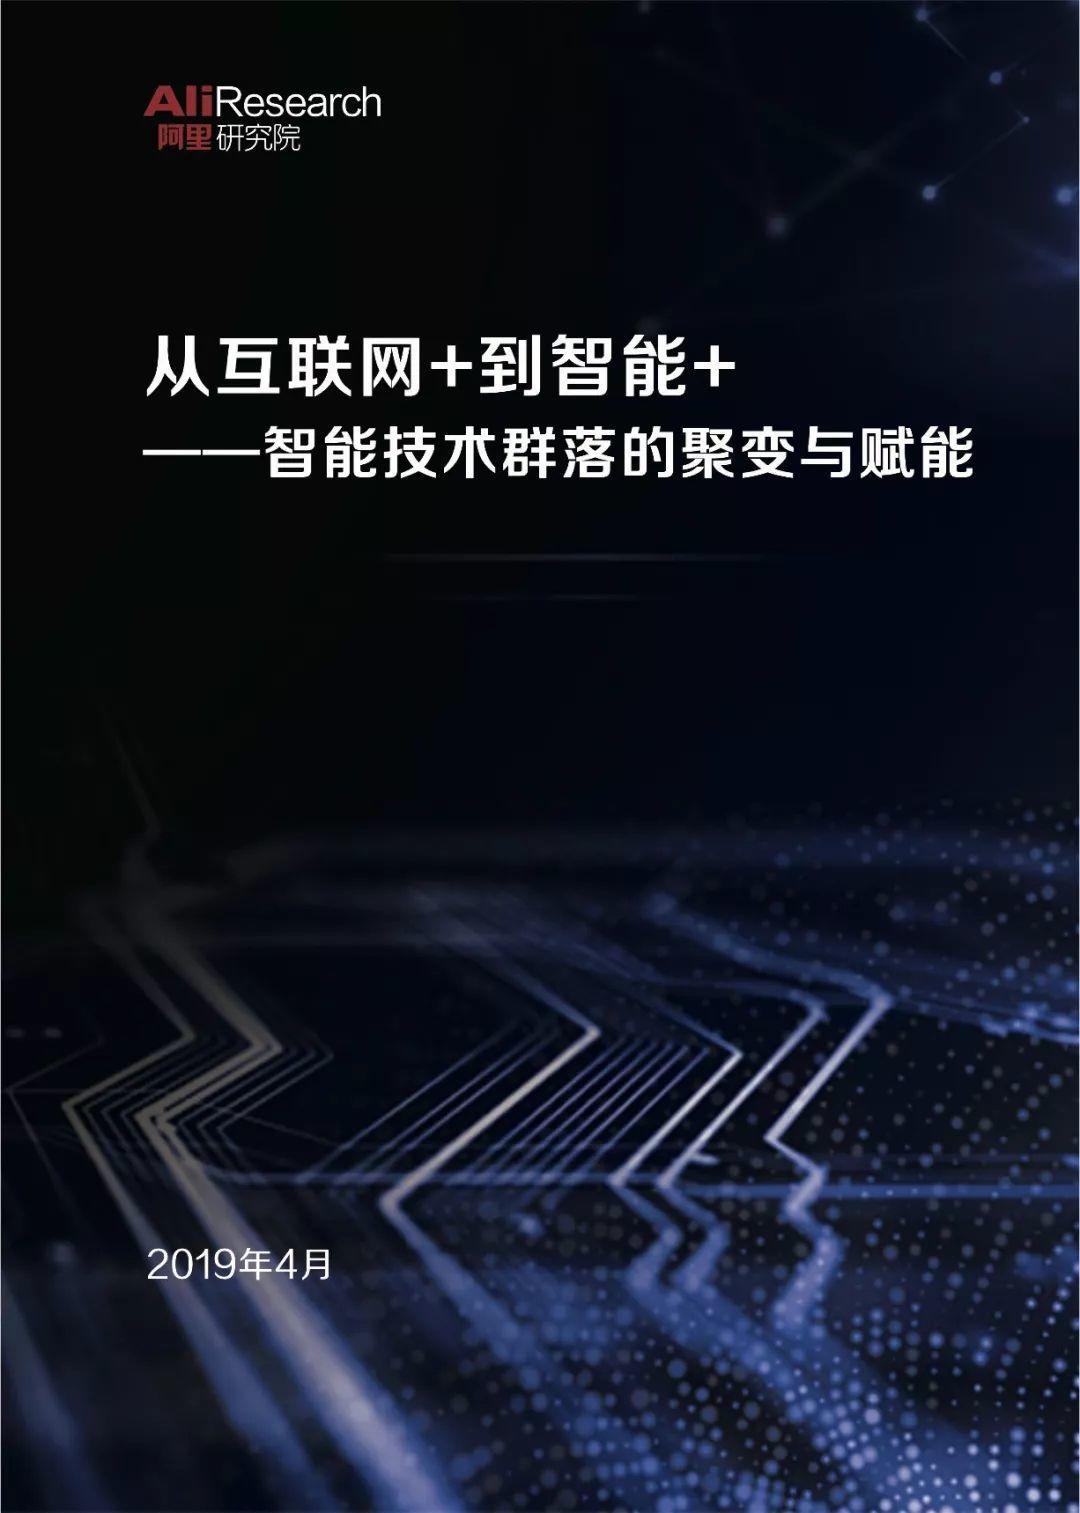 阿里研究院:从互联网+到智能+——智能技术群落的聚变与赋能